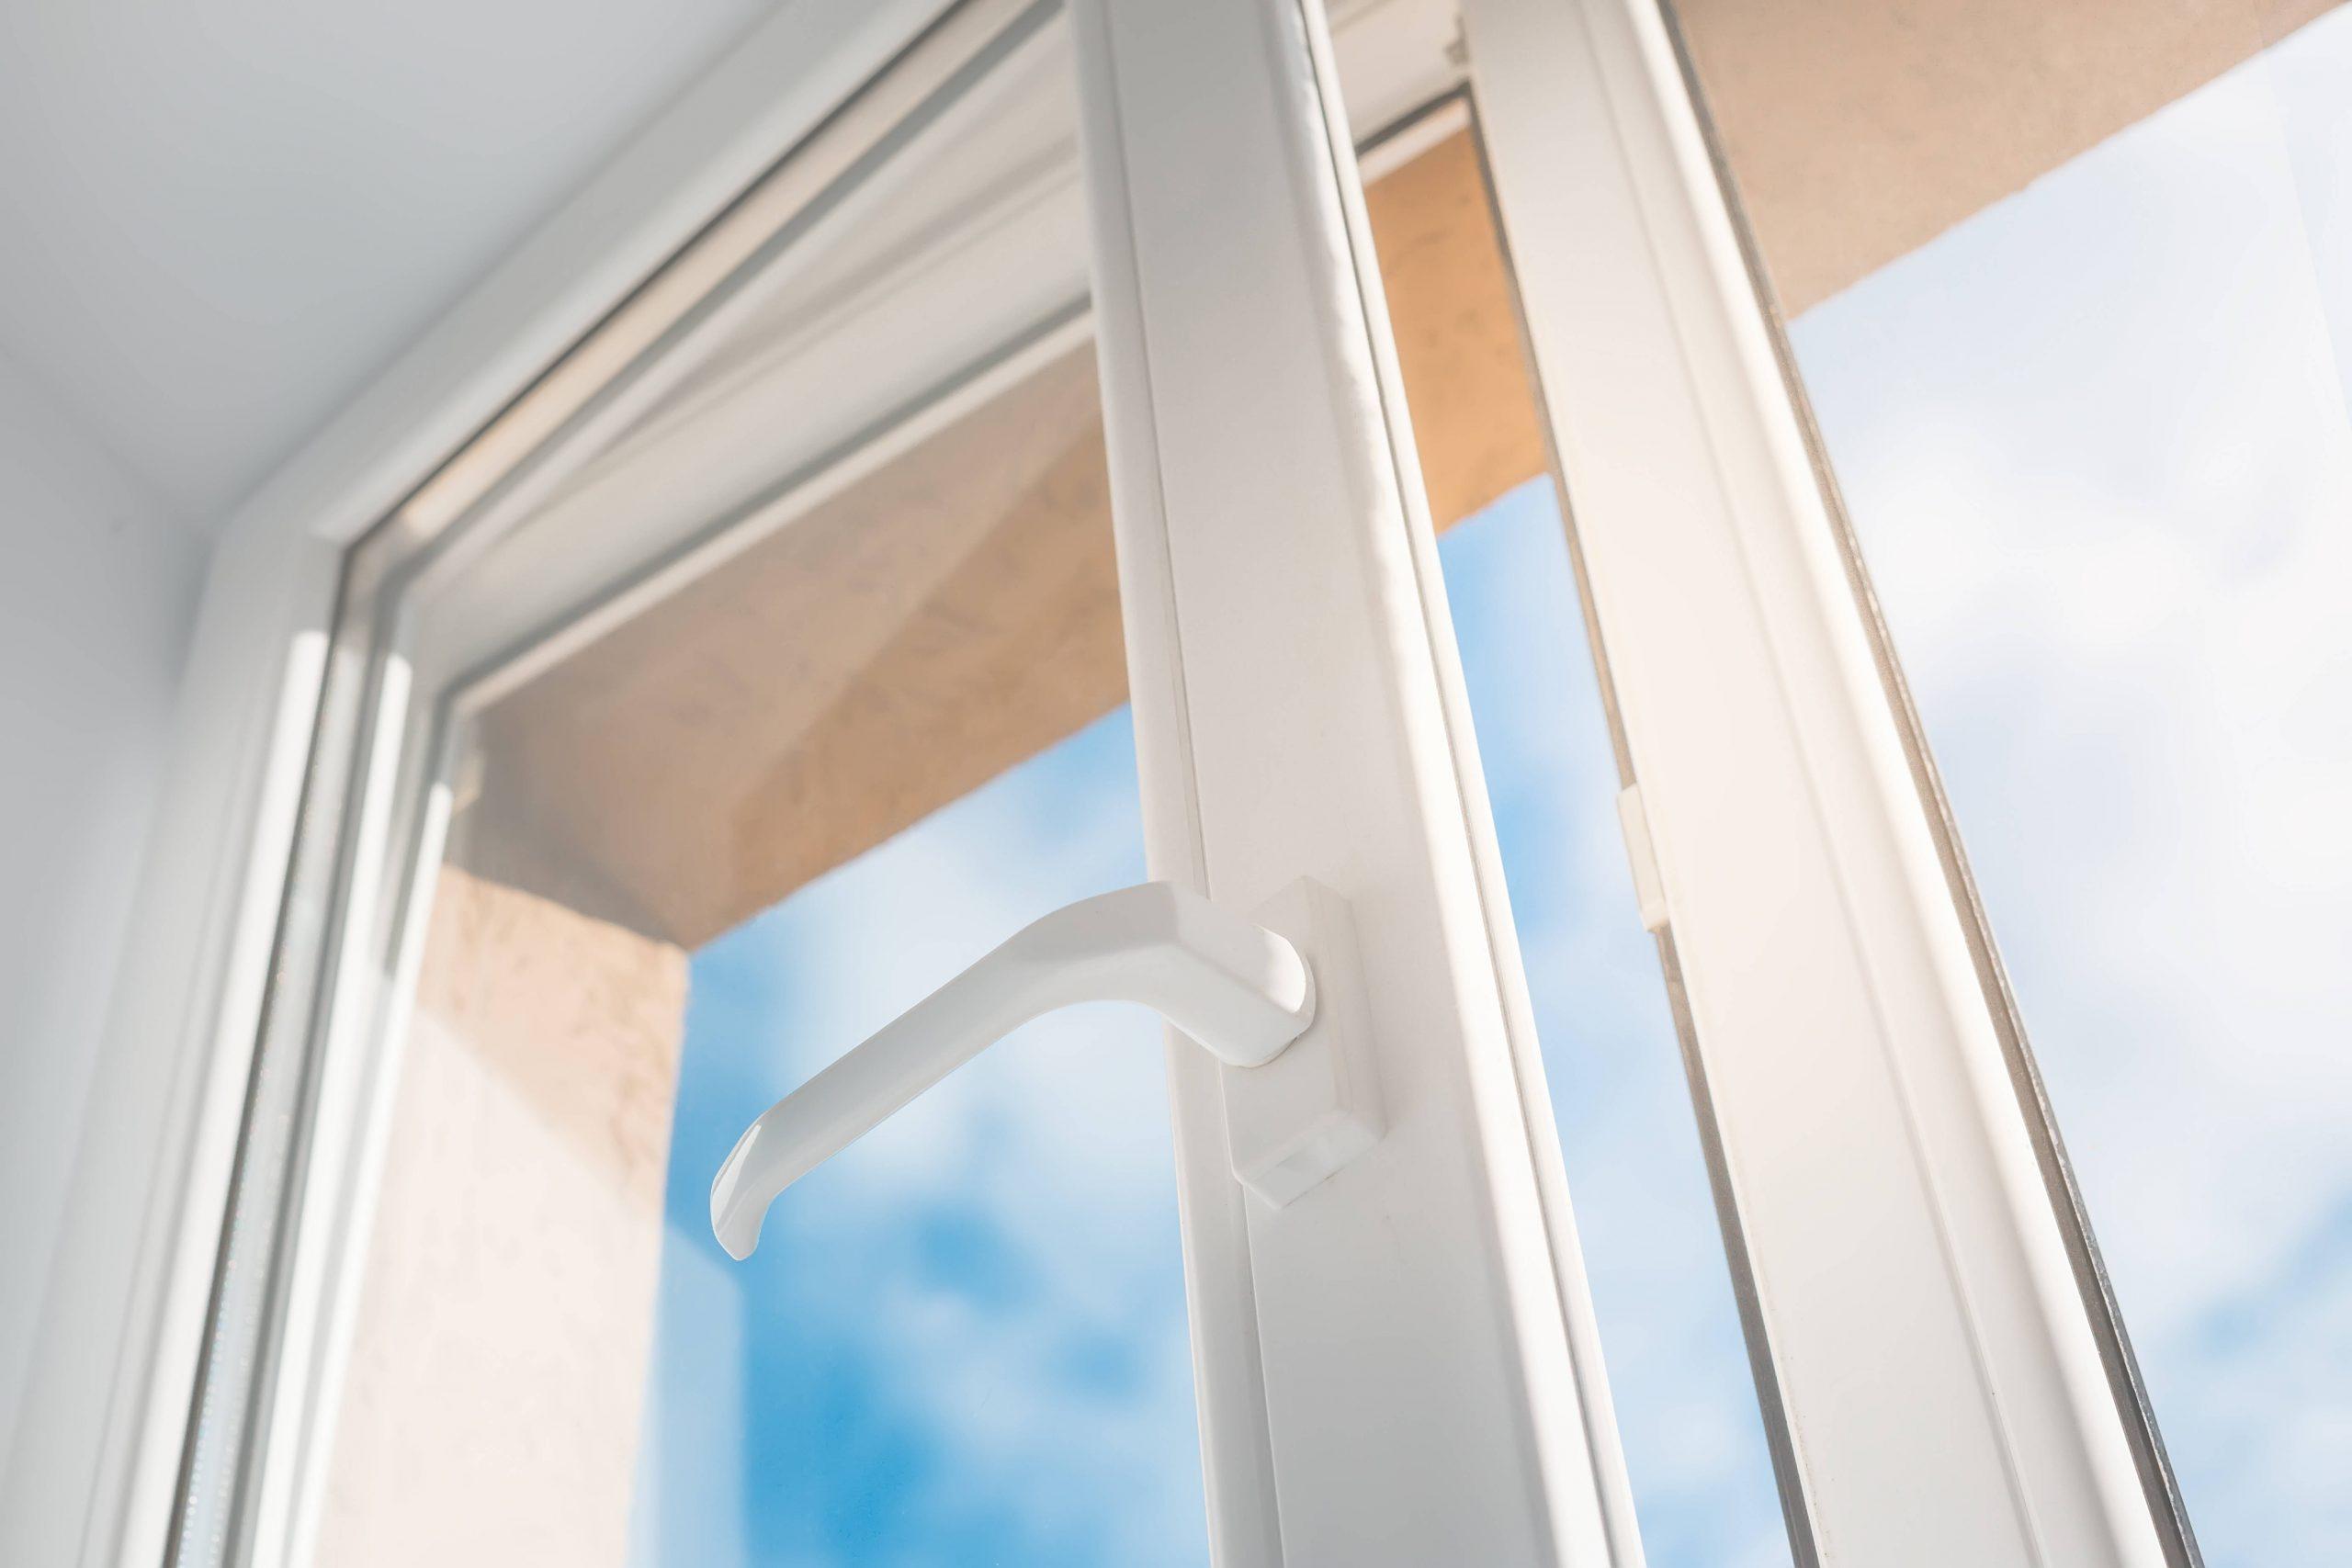 El PVC, un material especial para las ventanas de la empresa